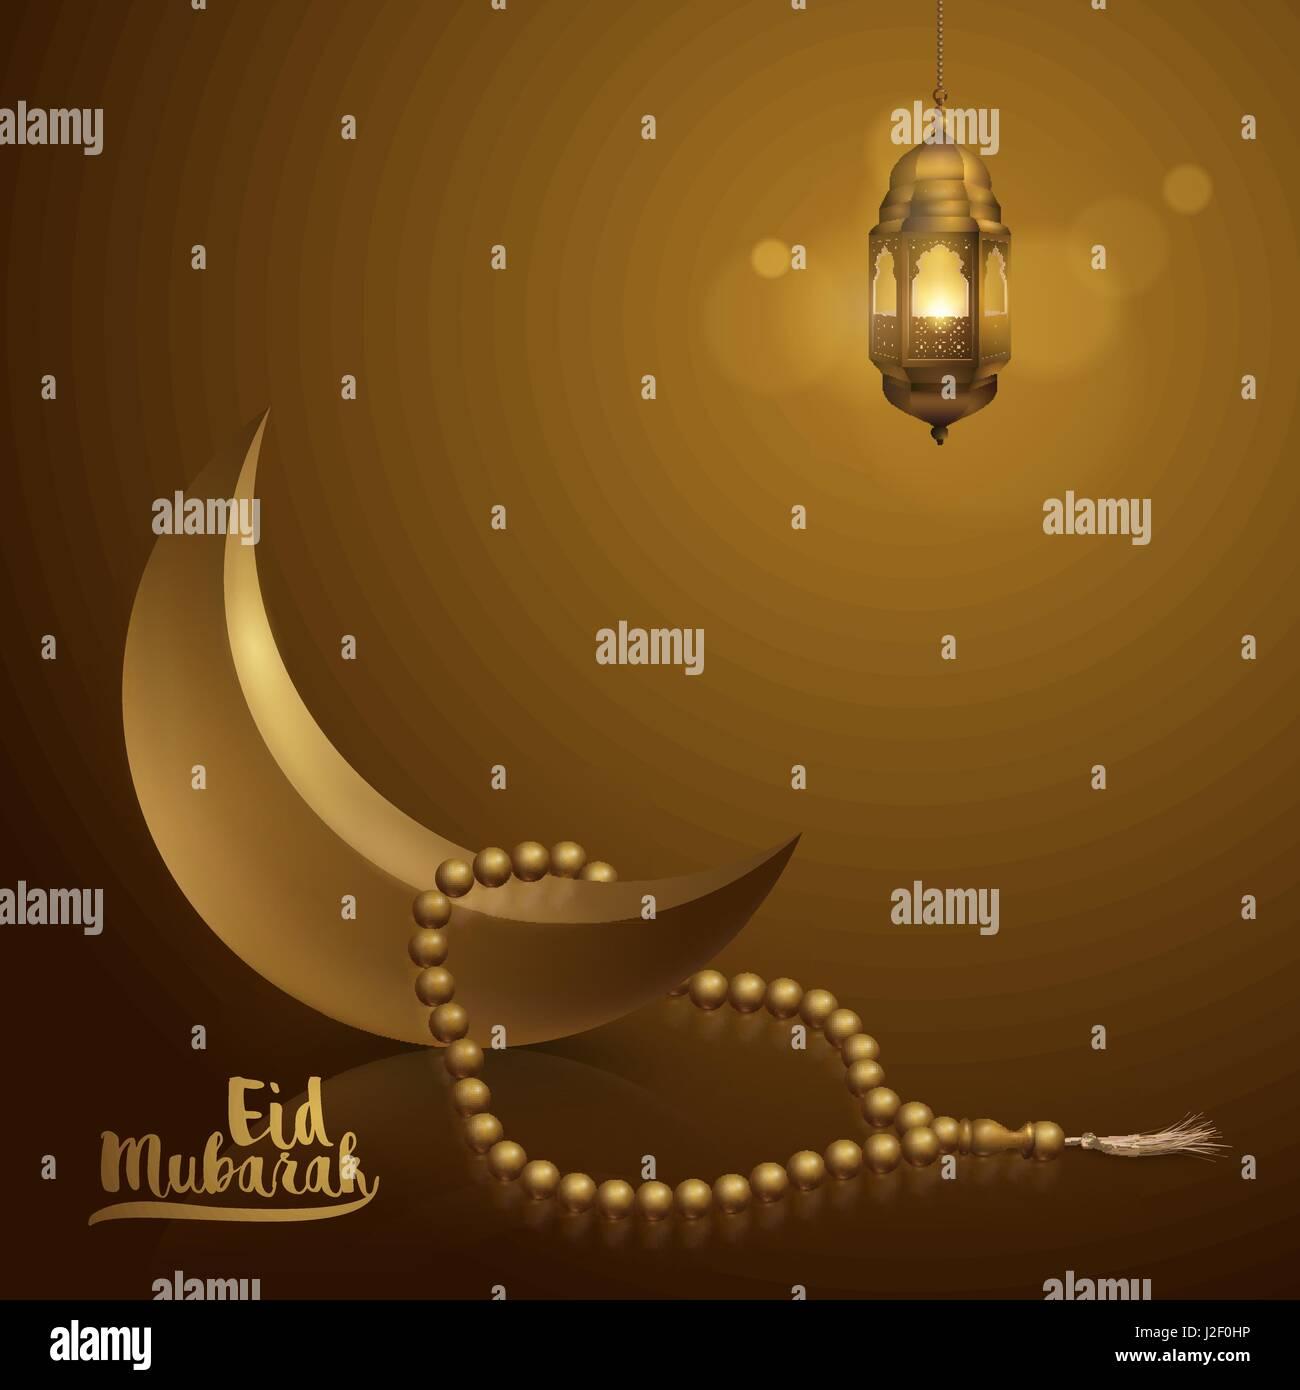 Eid Mubarak Grußkarte Vorlage islamischen Vektor Illustration ...